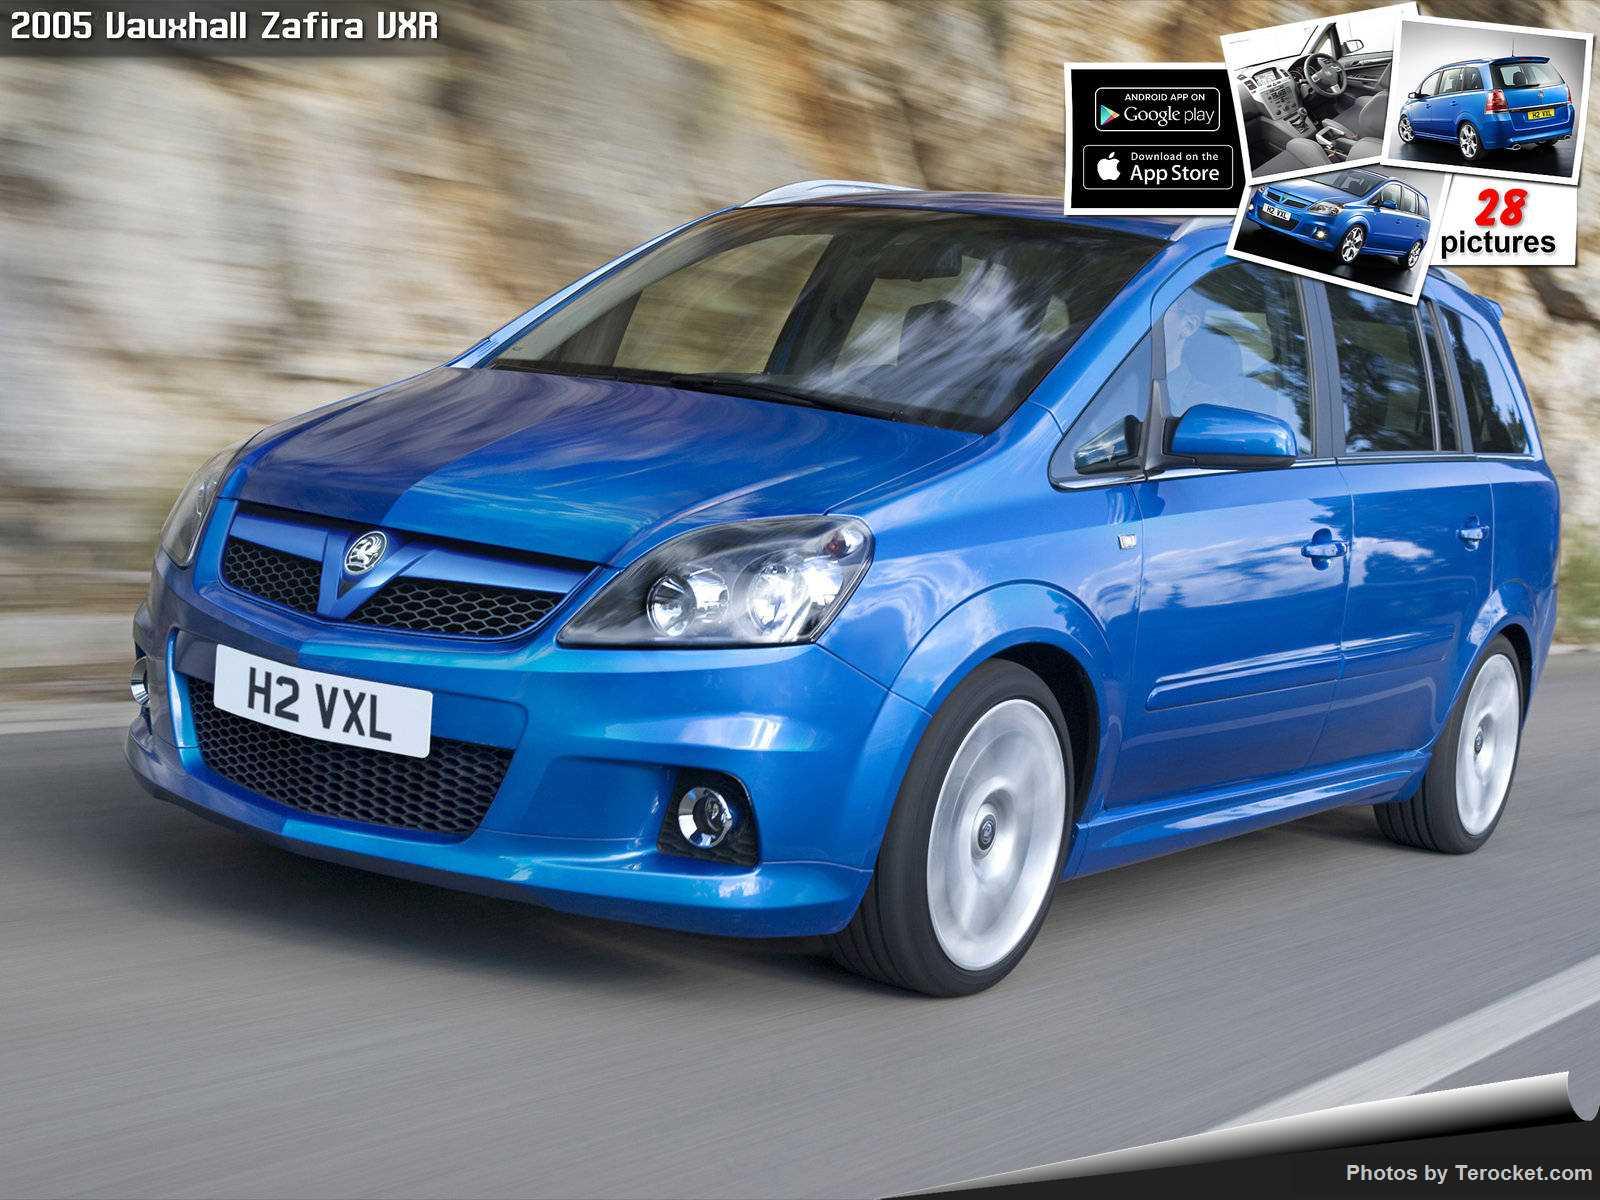 Hình ảnh xe ô tô Vauxhall Zafira VXR 2005 & nội ngoại thất